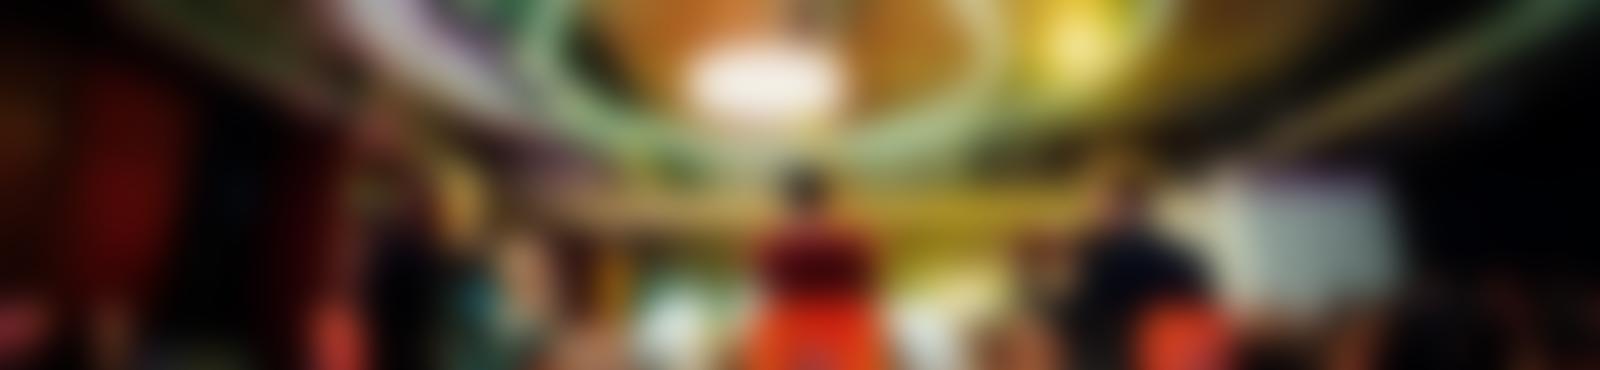 Blurred aa51320c 94ce 4367 adb7 35ca0ec8c8b7